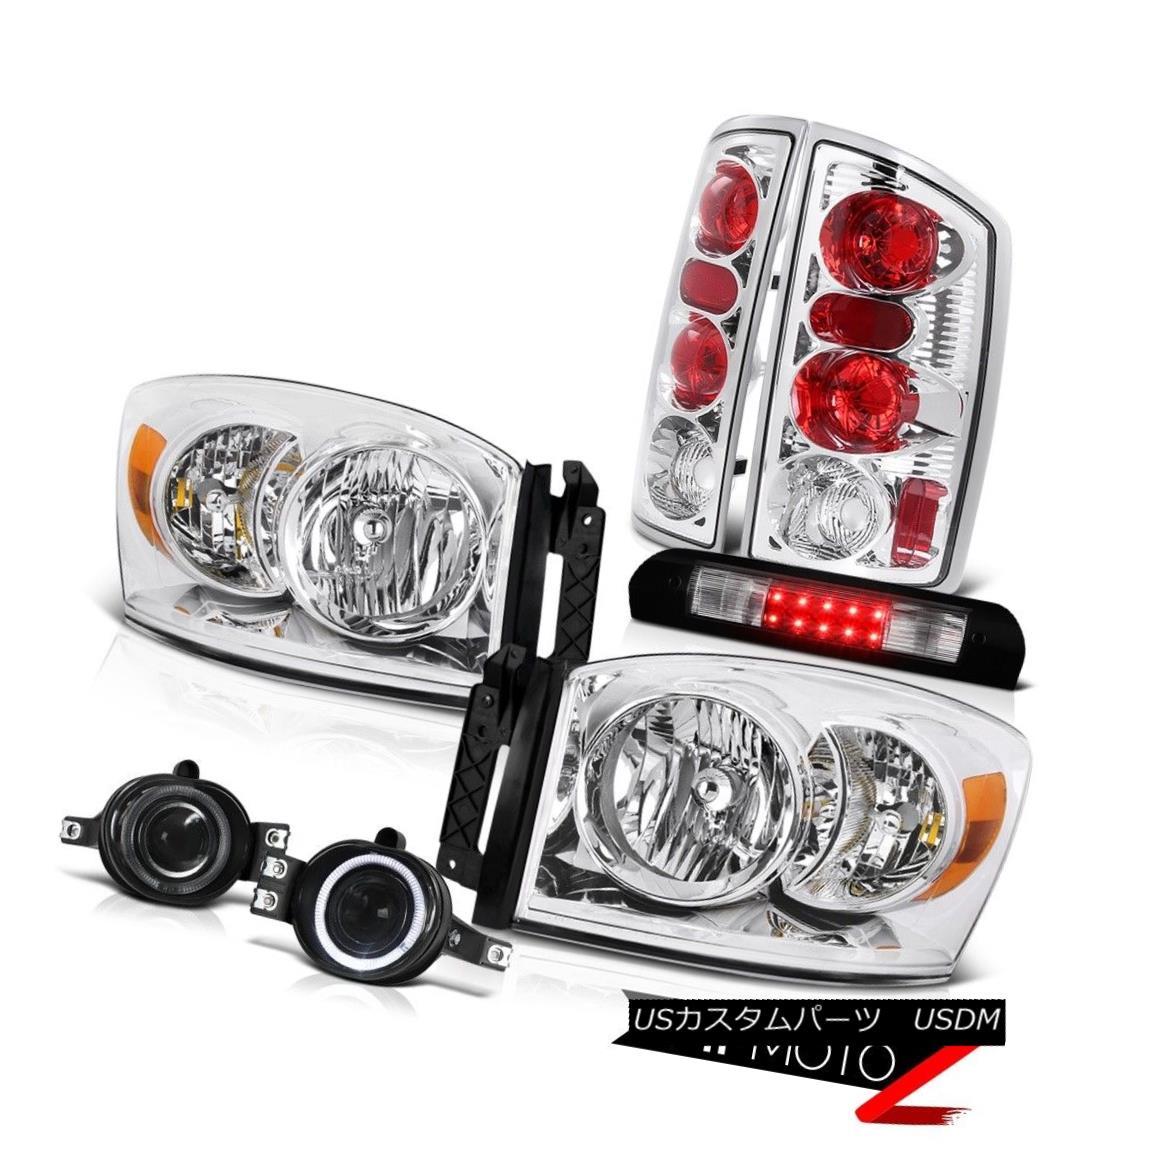 ヘッドライト Pair Clear Headlights Brake Light Halo Projector Fog LED Black 2006 Dodge Ram ST ペアクリアヘッドライトブレーキライトHaloプロジェクターフォグLEDブラック2006 Dodge Ram ST